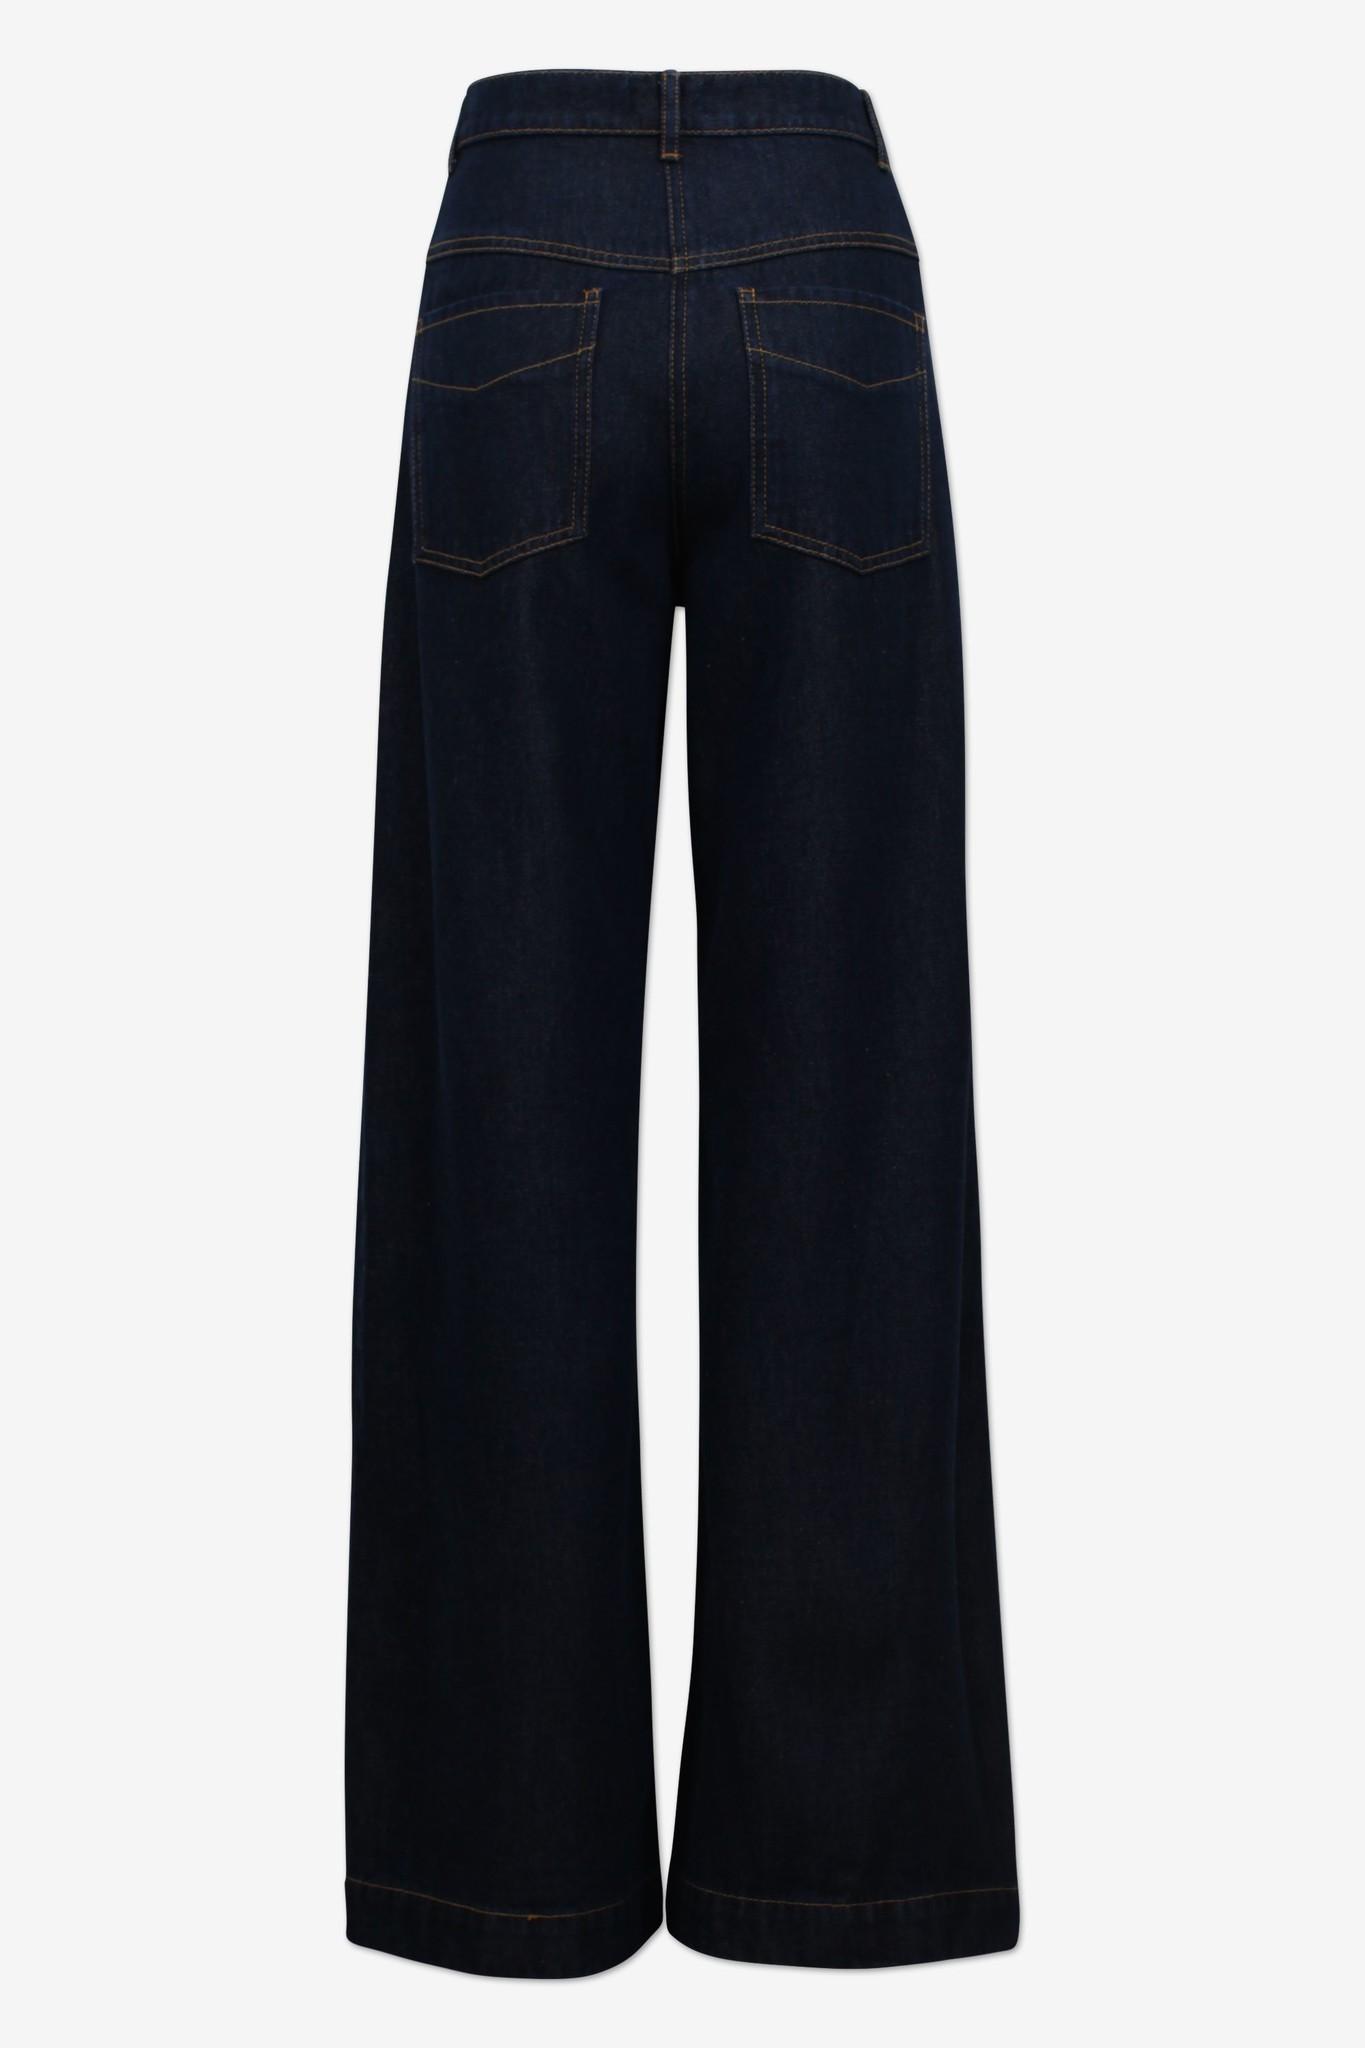 BAUM UND PFERDGARTEN jeans nikka-2